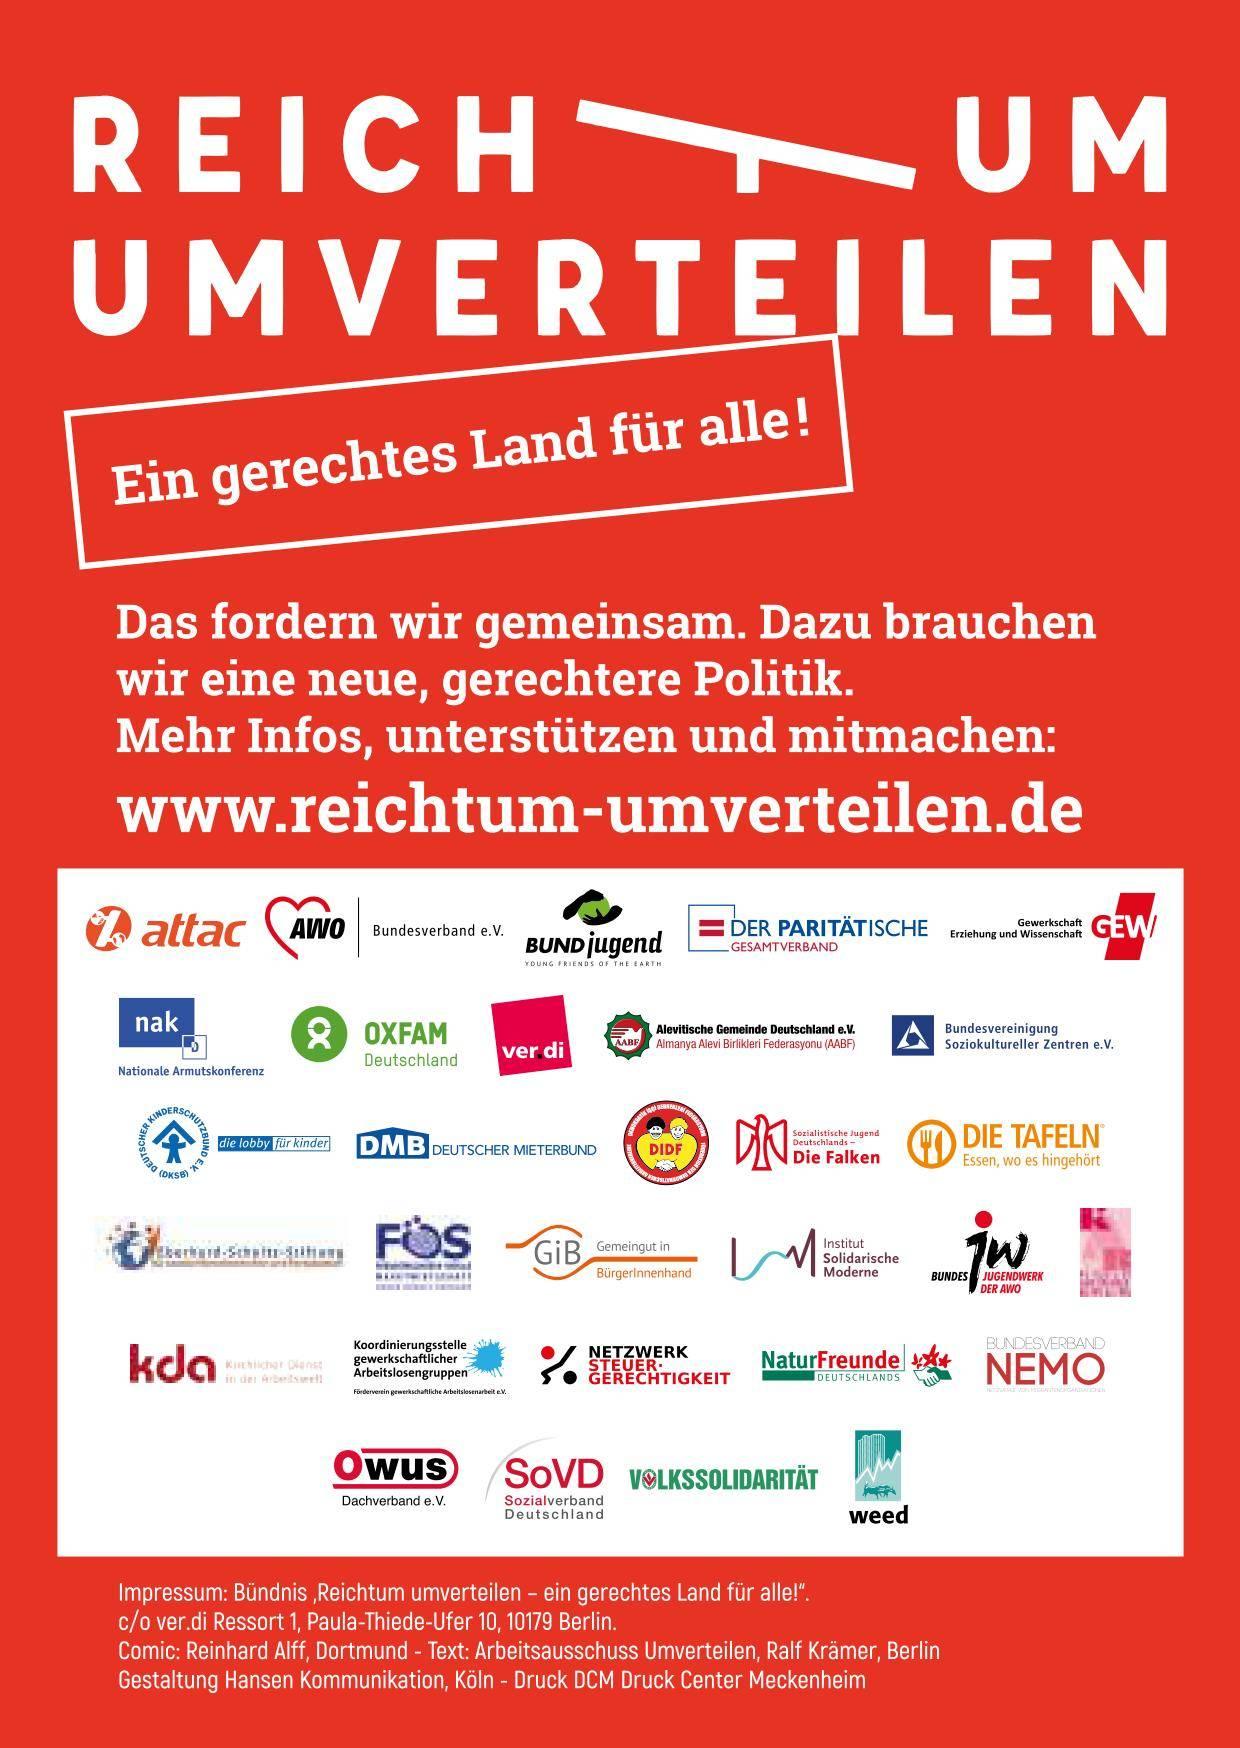 Plakat der Initiative Reichtum umverteilen